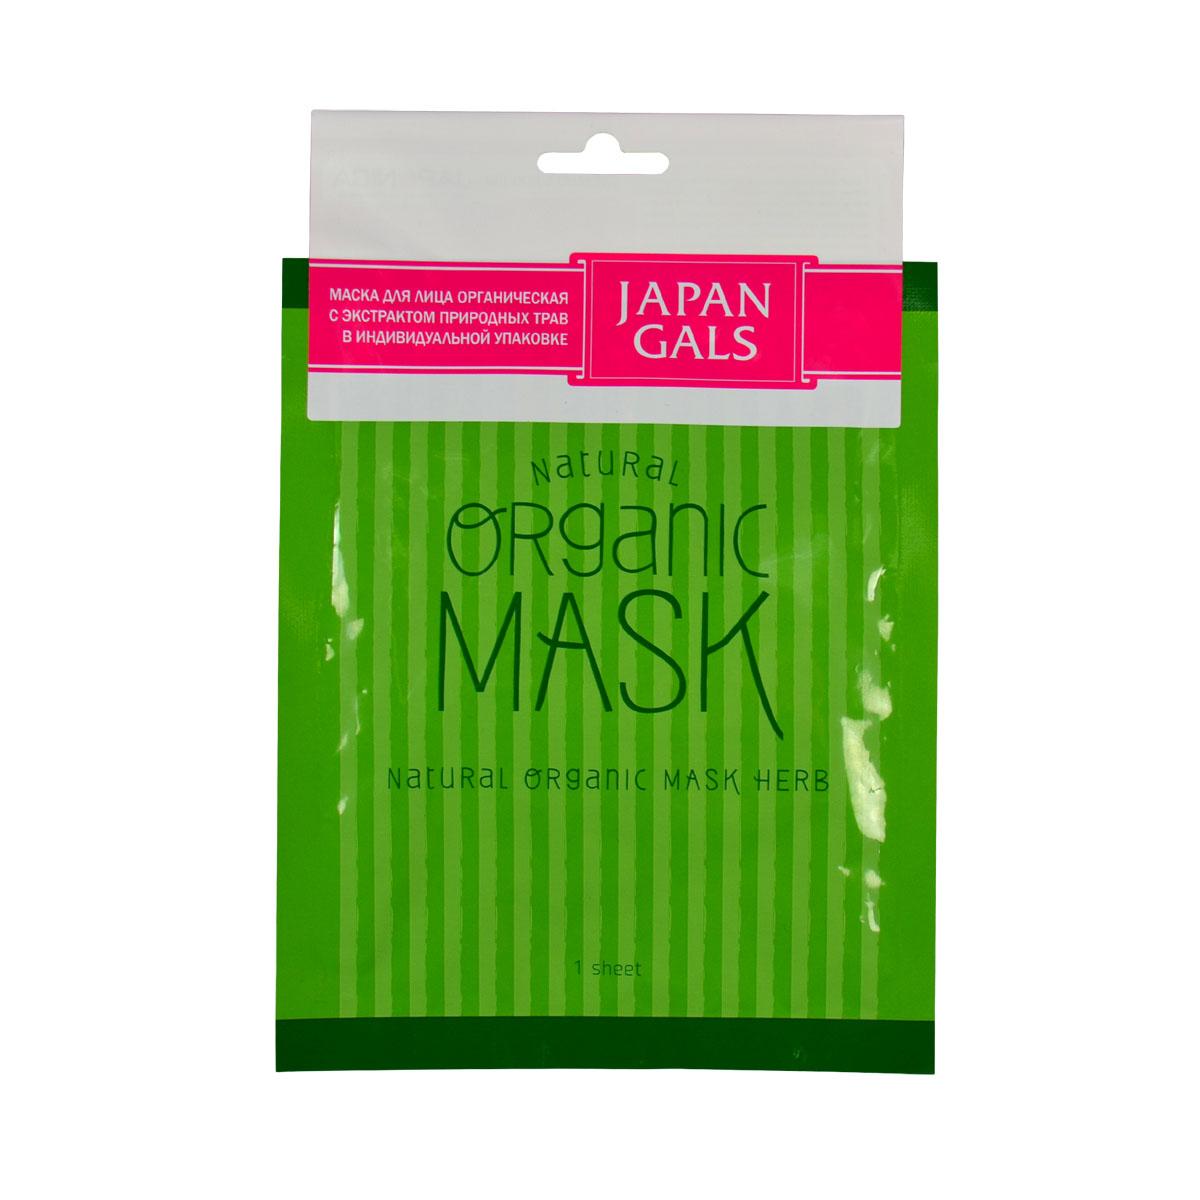 Japan Gals Маска для лица органическая с экстрактом природных трав 1 шт29004Органическая маска JAPAN GALS с экстрактом природных трав создана для успокоения кожи. Все компоненты подбирались особенно тщательно, а органический хлопок из которого создана маска естественно и мягко заботится о лице. Маска подходят для всех типов кожи и в любом возрасте.Чтобы ваша кожа сияла здоровьем, Вам потребуется всего 10-15 минут в день для ухода за ней. Маска очень проста в применении, а после ее использования лицо не требует дополнительного умывания. Тканевая основа маски пропитана сывороткой, и благодаря плотному прилеганию маски к лицу состав проникает глубоко в кожу, успокаивая и увлажняя ее изнутри. Так же у маски имеются специальные кармашки для проработки зоны в области глаз.В состав маски входят экстракты лаванды, розмарина, ромашки, с добавлением в сыворотку масла оливы. Экстракт лаванды тонизирует, успокаивает и питает кожу, избавляет от жирного блеска и делает кожу матовой.Экстракт розмарина способствует сужению пор, стимулирует кровообращение, разглаживает кожный рельеф, а также очищает и тонизирует кожу. Экстракт ромашки улучшает цвет лица, восстанавливает, увлажняет, омолаживает и придает коже свежесть.Масло оливы нормализует кислородный обмен и питание клеток кожи, препятствует старению и увяданию, глубоко увлажняет и смягчает кожу, а также делает ее более упругой.Способ применения: Расправить маску. Плотно приложить к чистому лицу. Держать в течение 10-15 минут. При использовании маски на глаза веки следует держать закрытыми. Для особо тщательной проработки зоны под глазами сложите специальную накладку два раза. После применения маски лицо не требует дополнительного умывания. Меры предосторожности: Аллергические реакции возможны только в случае индивидуальной непереносимости отдельных компонентов. При покраснении, зуде, раздражении, прекратить применение продукта и проконсультироваться со специалистом. Не использовать при открытых ранах и опухолях. В целях гигиены с